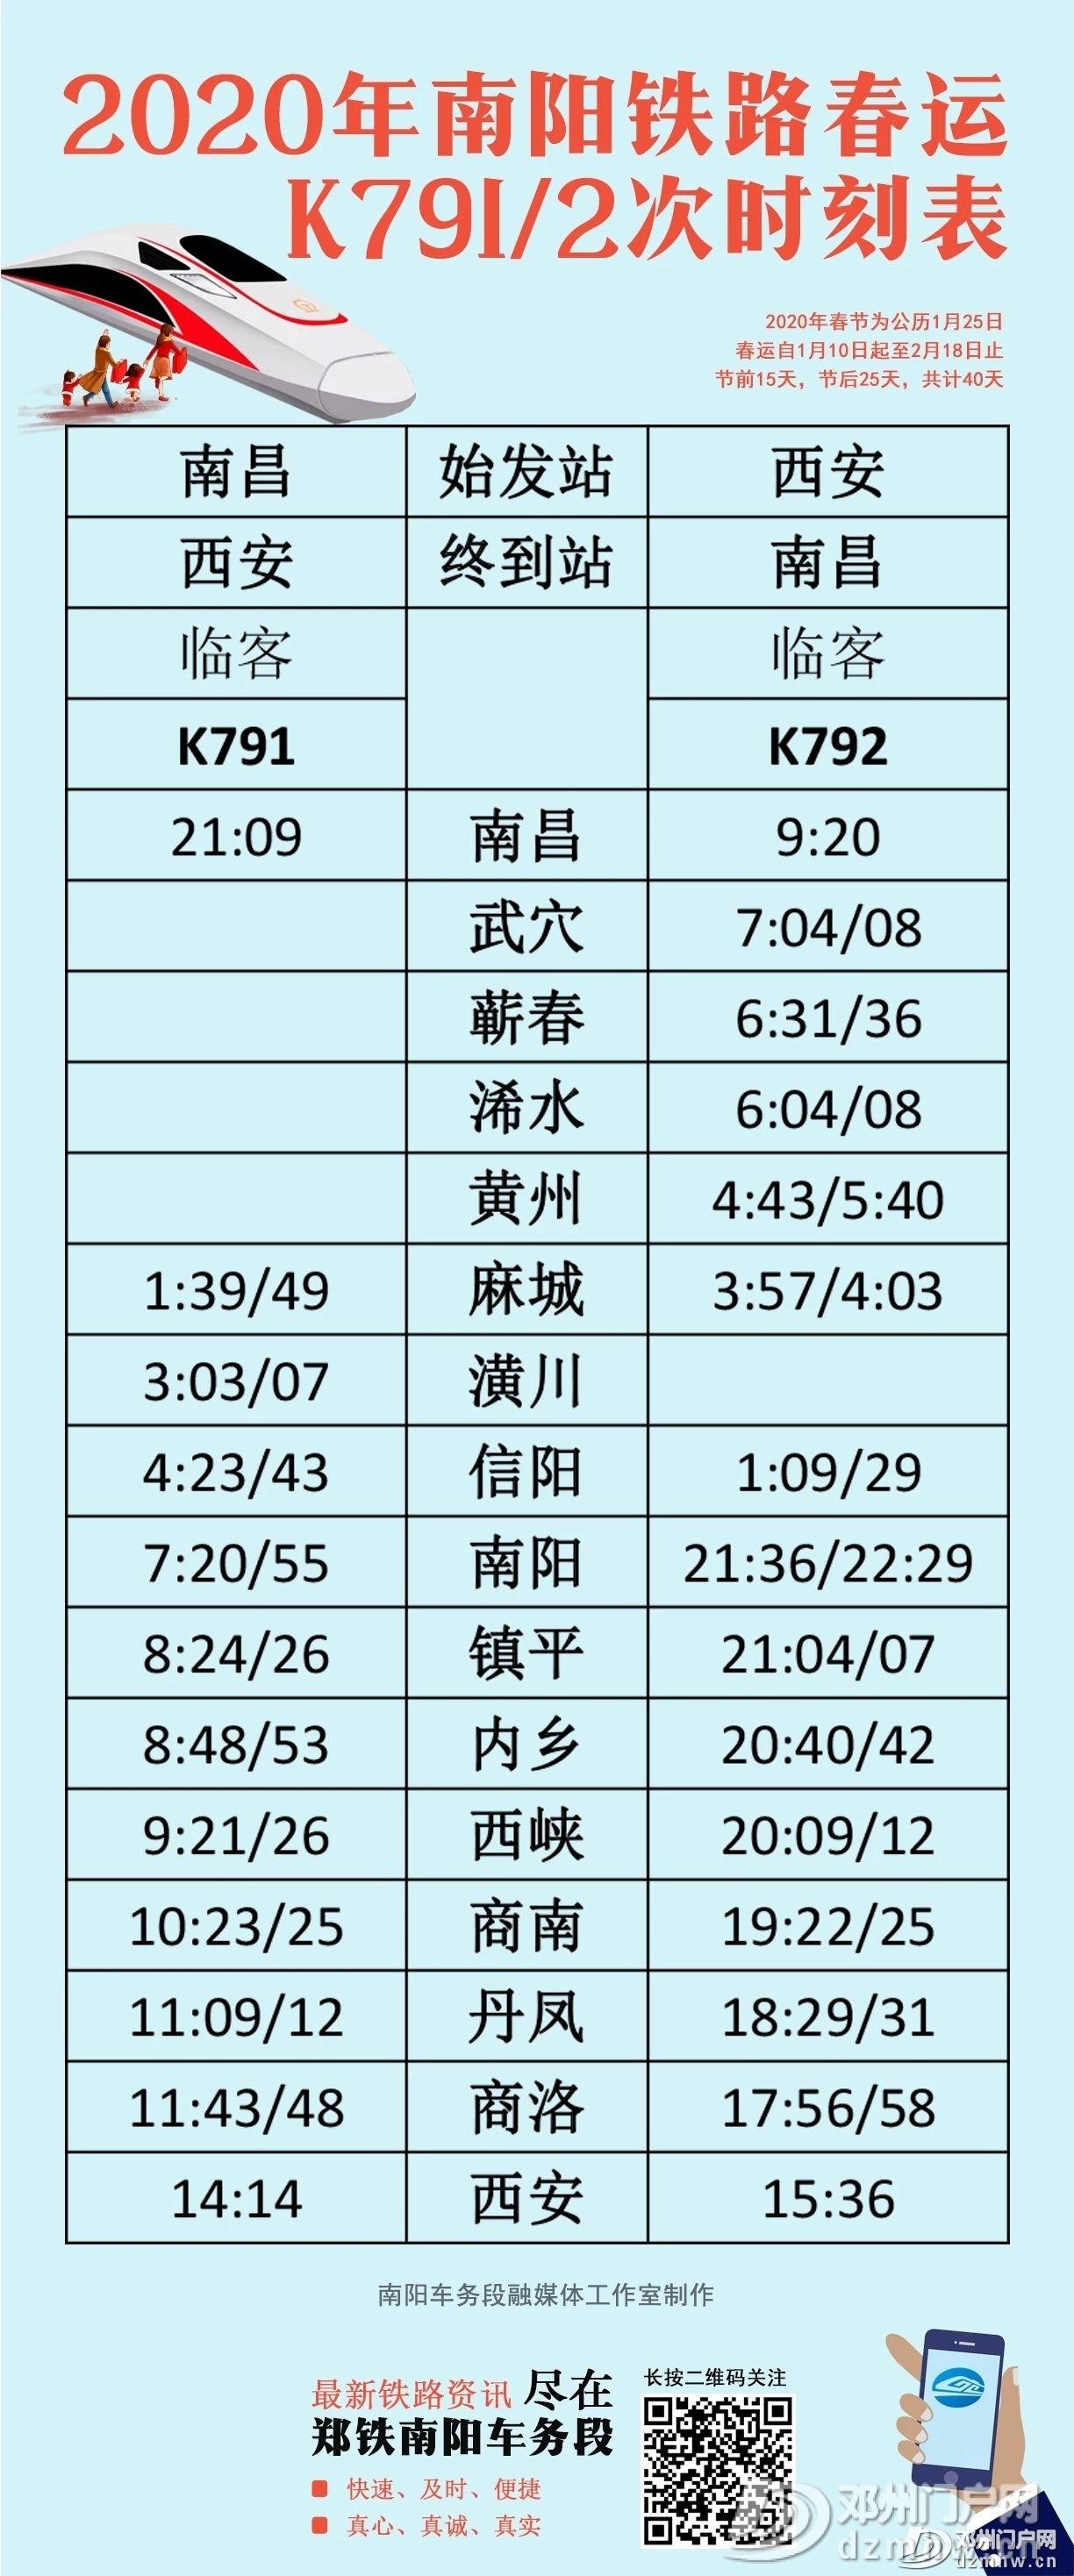 最新!春运期间,邓州加开4趟普速临客! - 邓州门户网|邓州网 - 1373a06663a0d54d89597f2cb77a2687.jpg